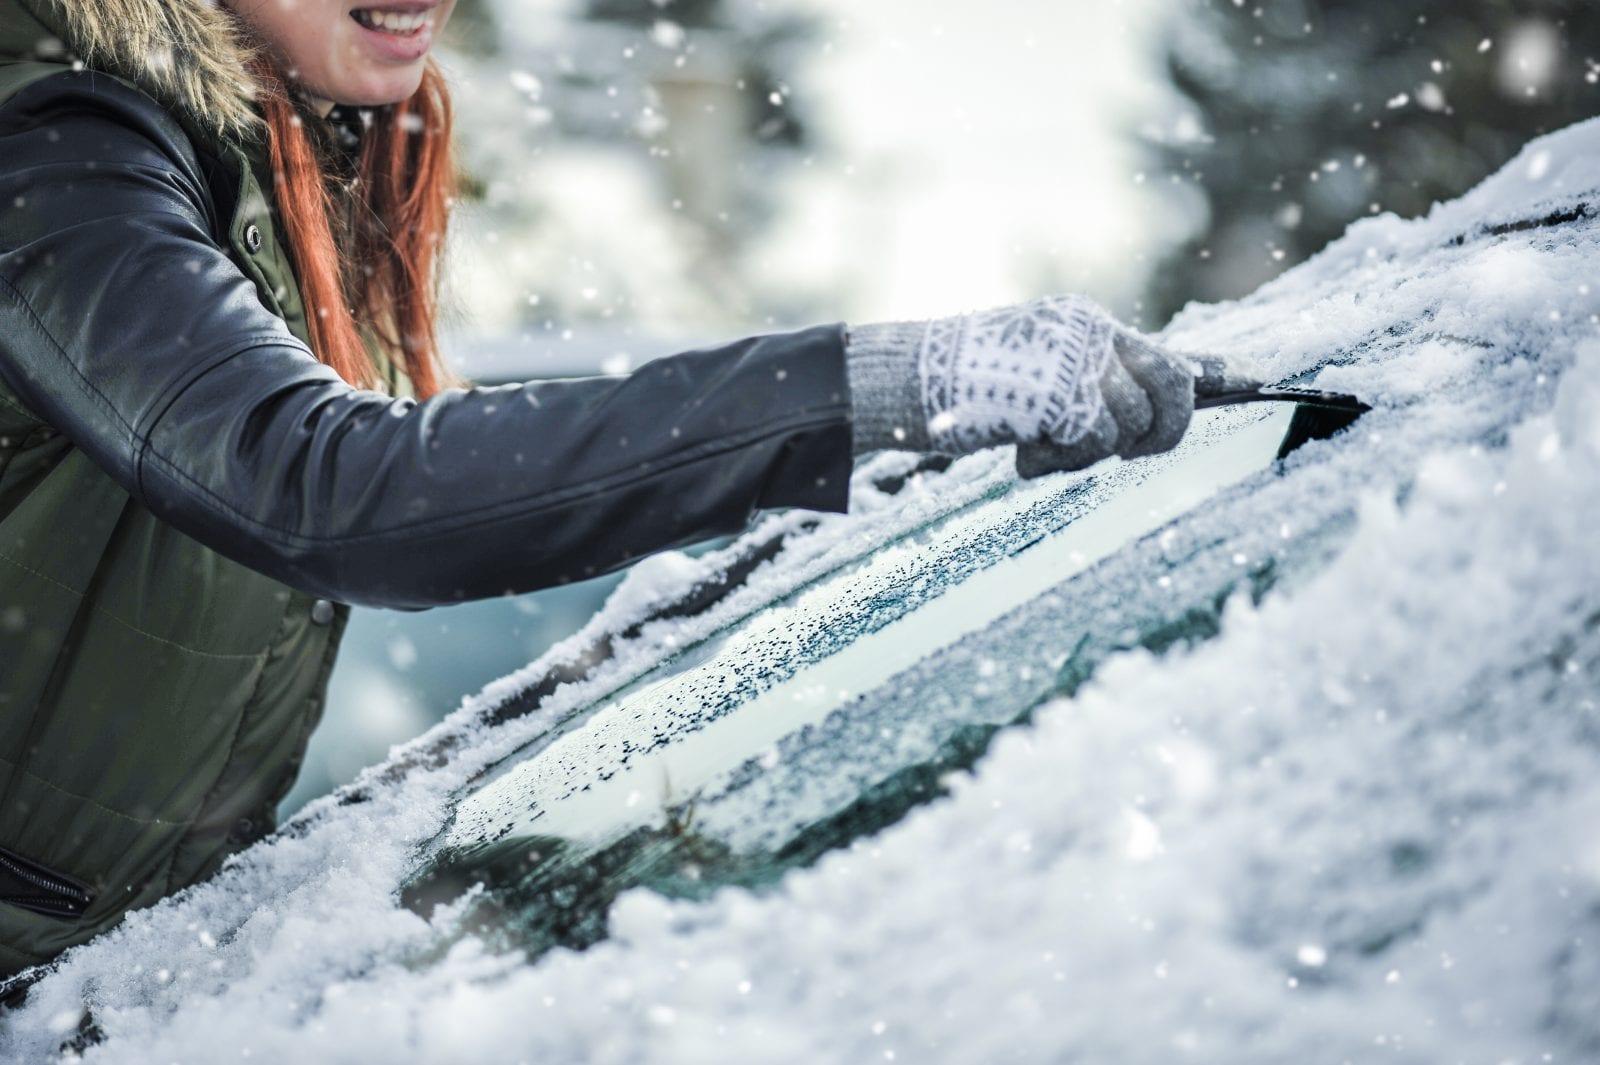 Woman de-icing car